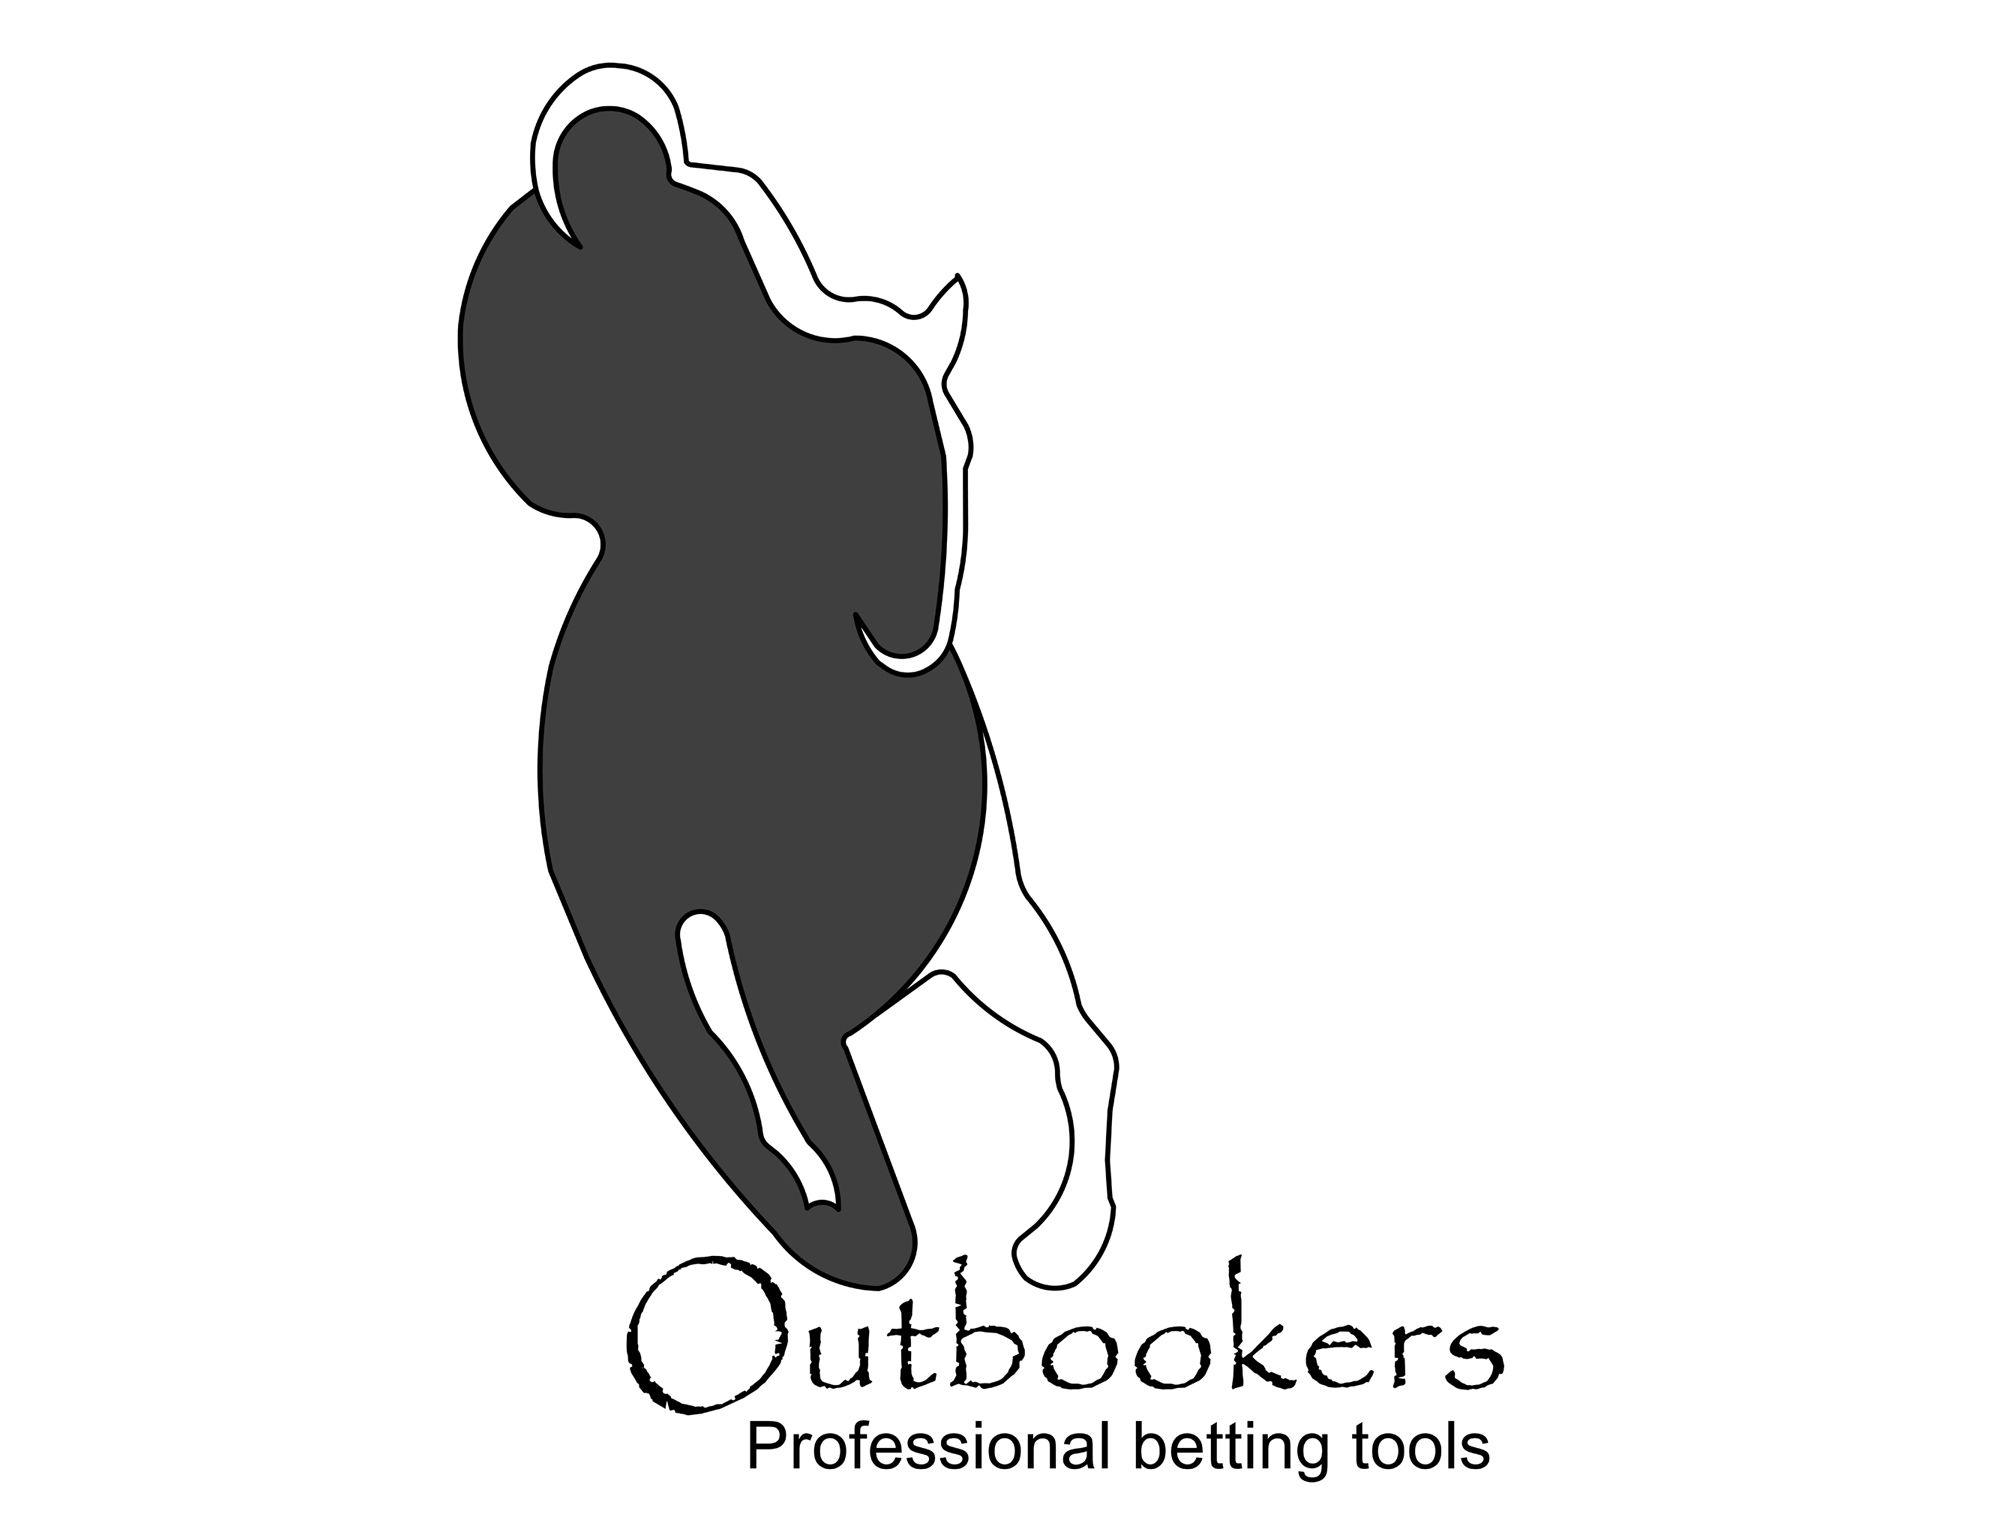 Образ лошади в логотипе (спортивная аналитика) - дизайнер Alex_Pro